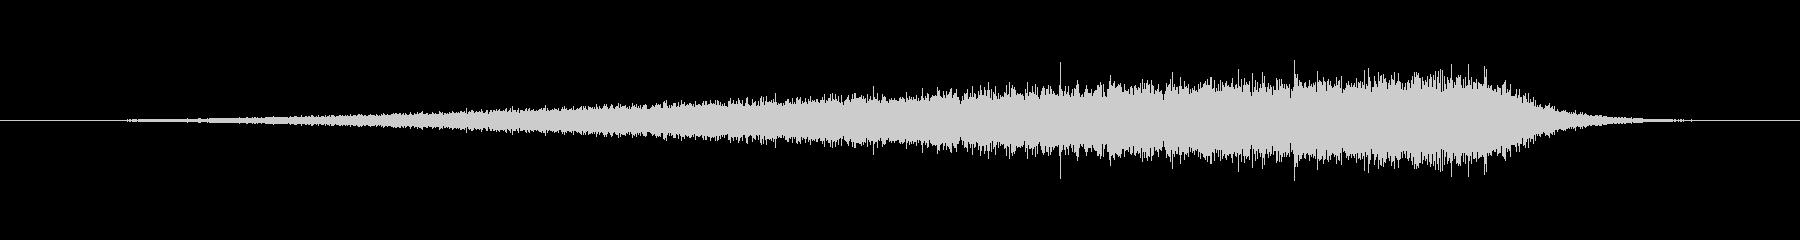 SWELL ウィンドウェーブ01の未再生の波形